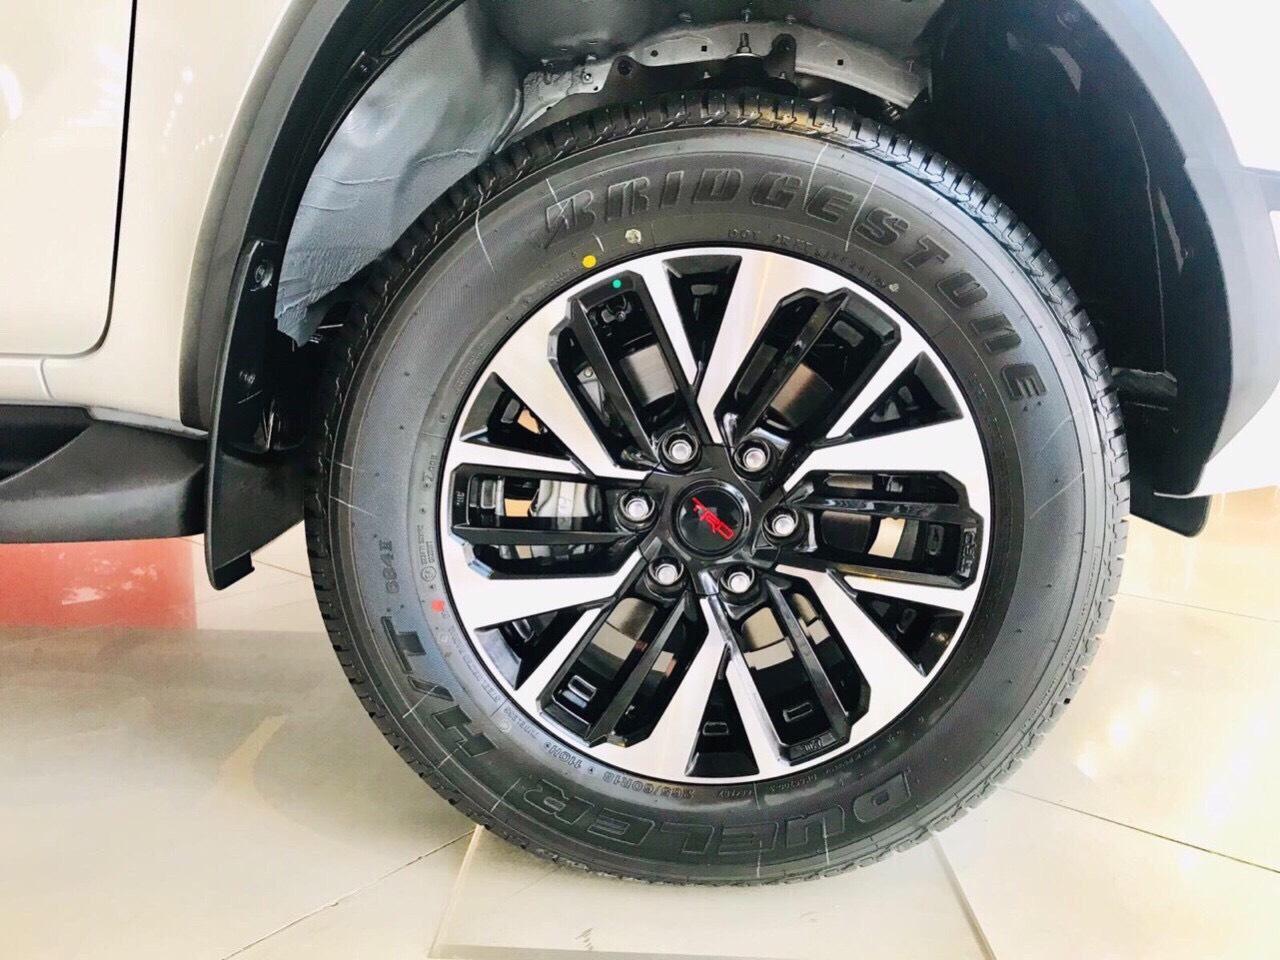 Xe Toyota Fortuner TRD 2019 tai muaxegiabeo 5 - Fortuner TRD [hienthinam]: giá xe và khuyến mãi mới